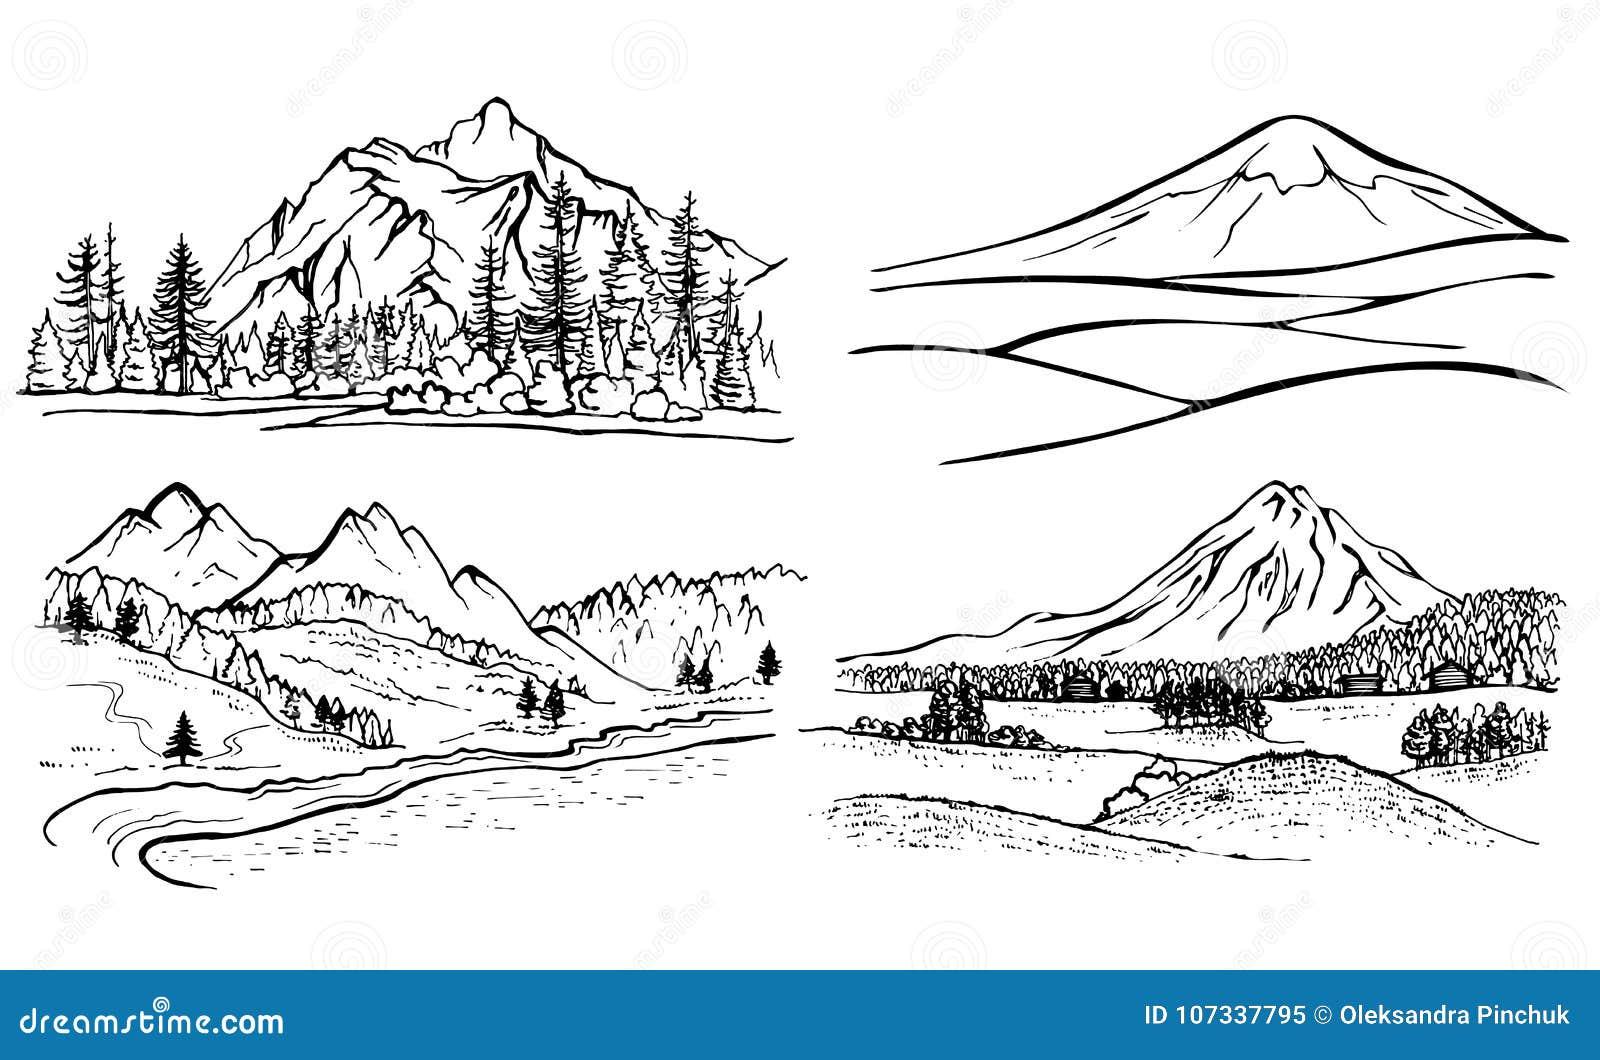 Dibujo De Lineas Paisaje: Pencil Drawing Mountain Landscape, Forest Pine Trees